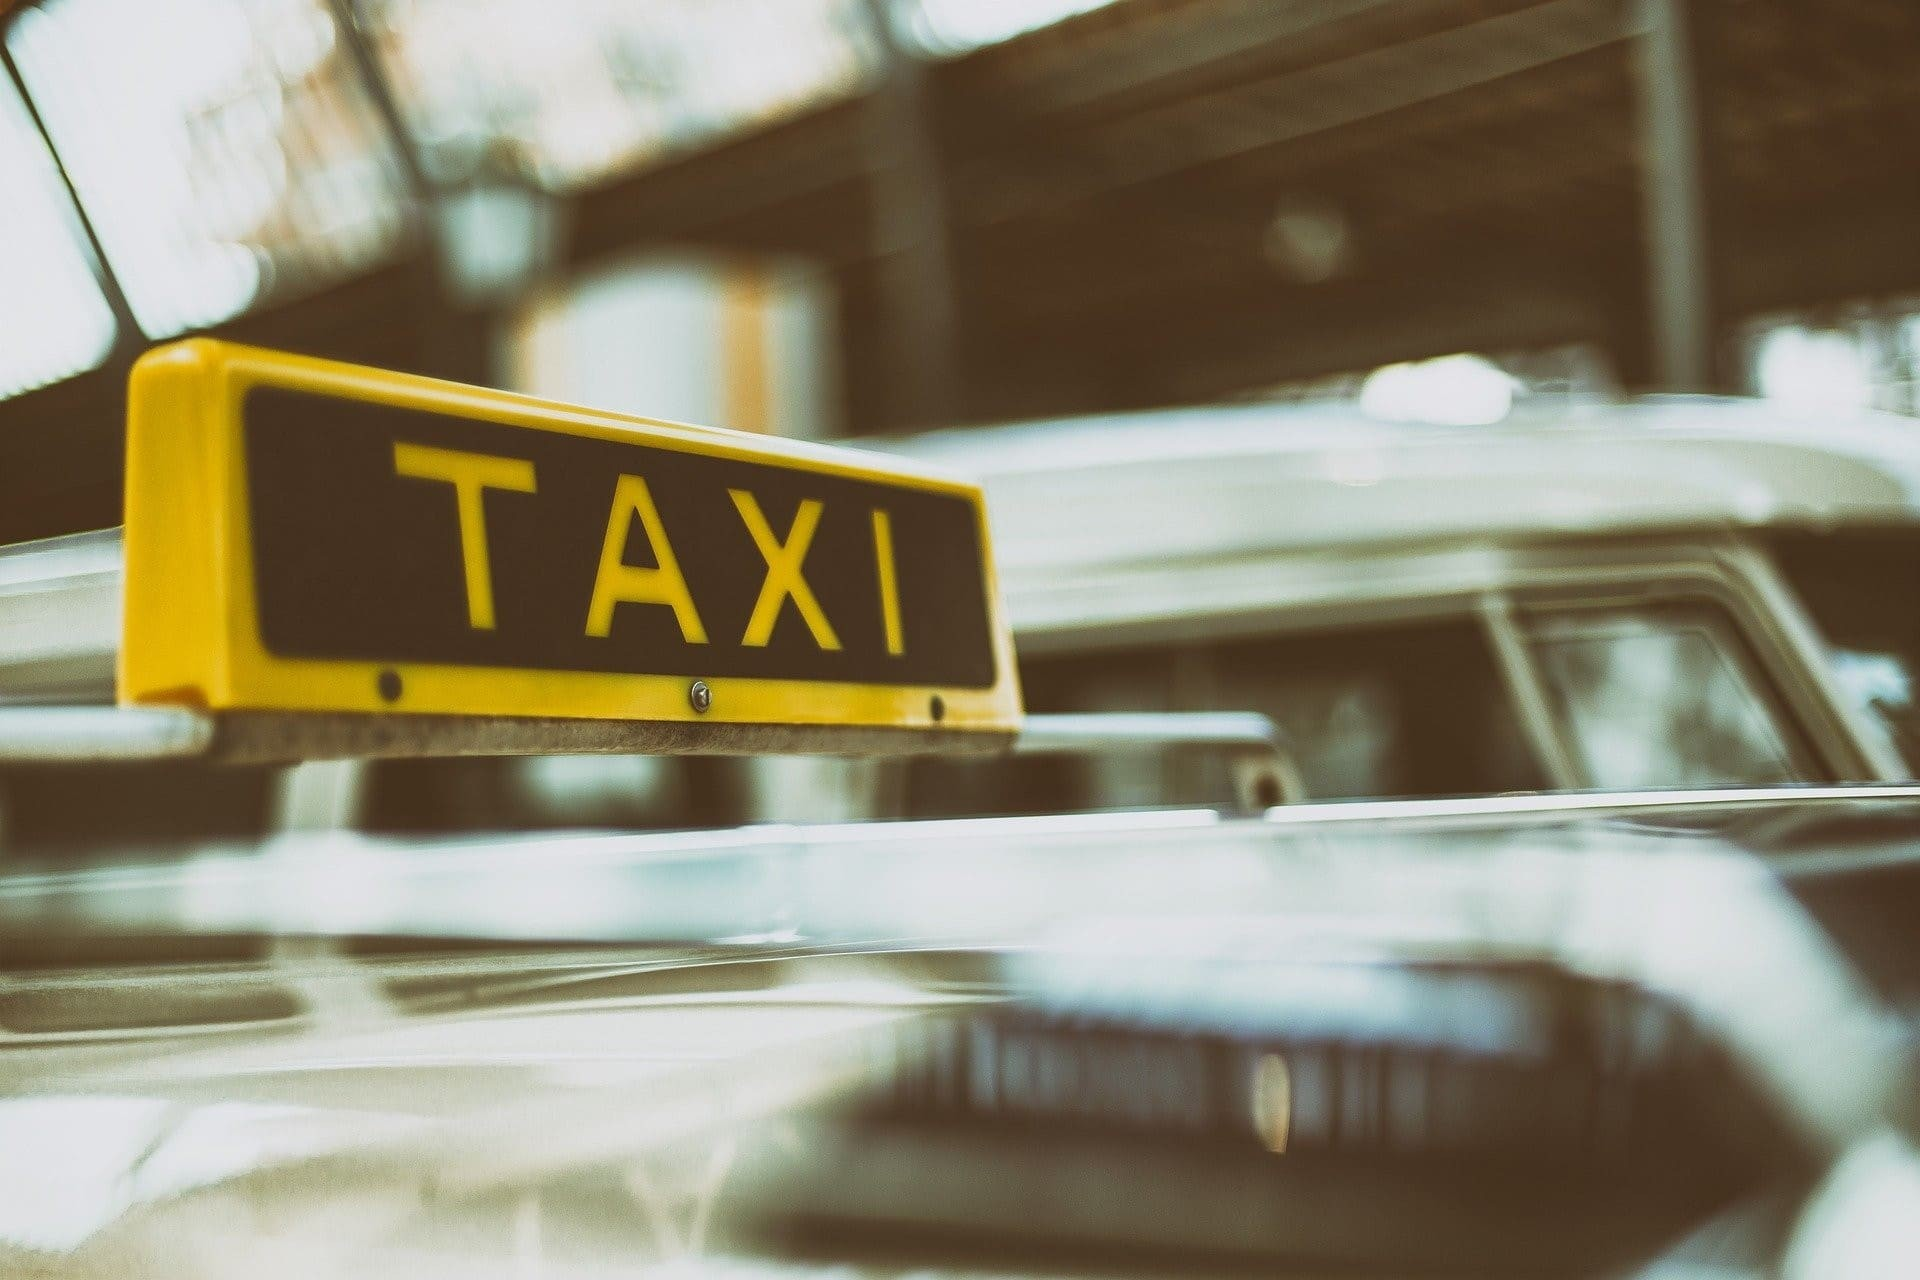 Réservation de taxi Châtel Genève